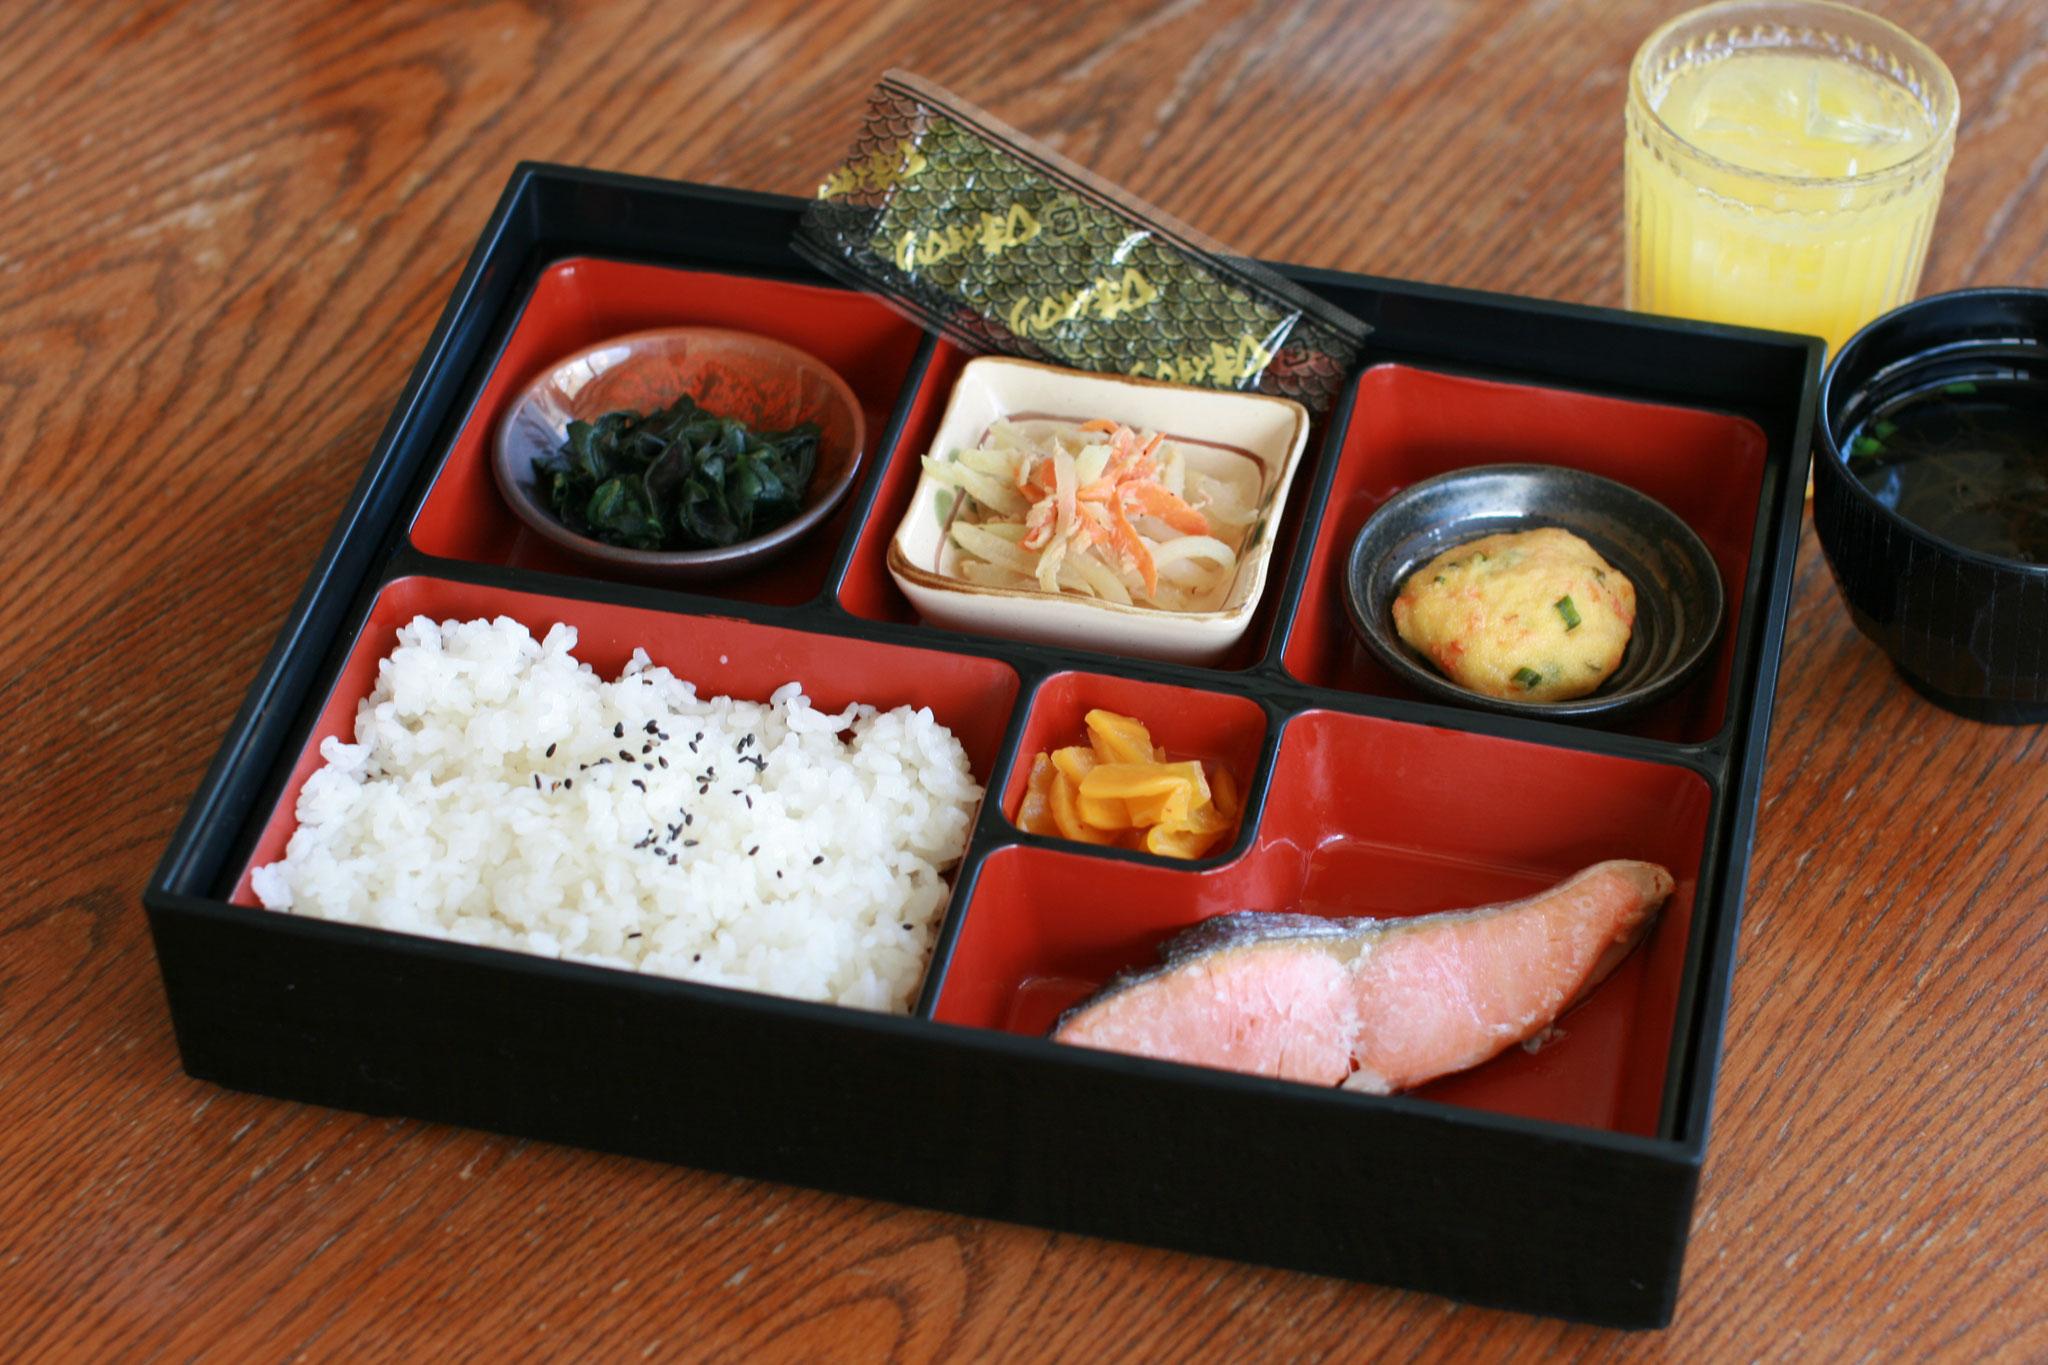 朝食 ¥770(¥550小学生以下) 和食(事前の申し込みが必要です。メニューは当方にて決定しております)